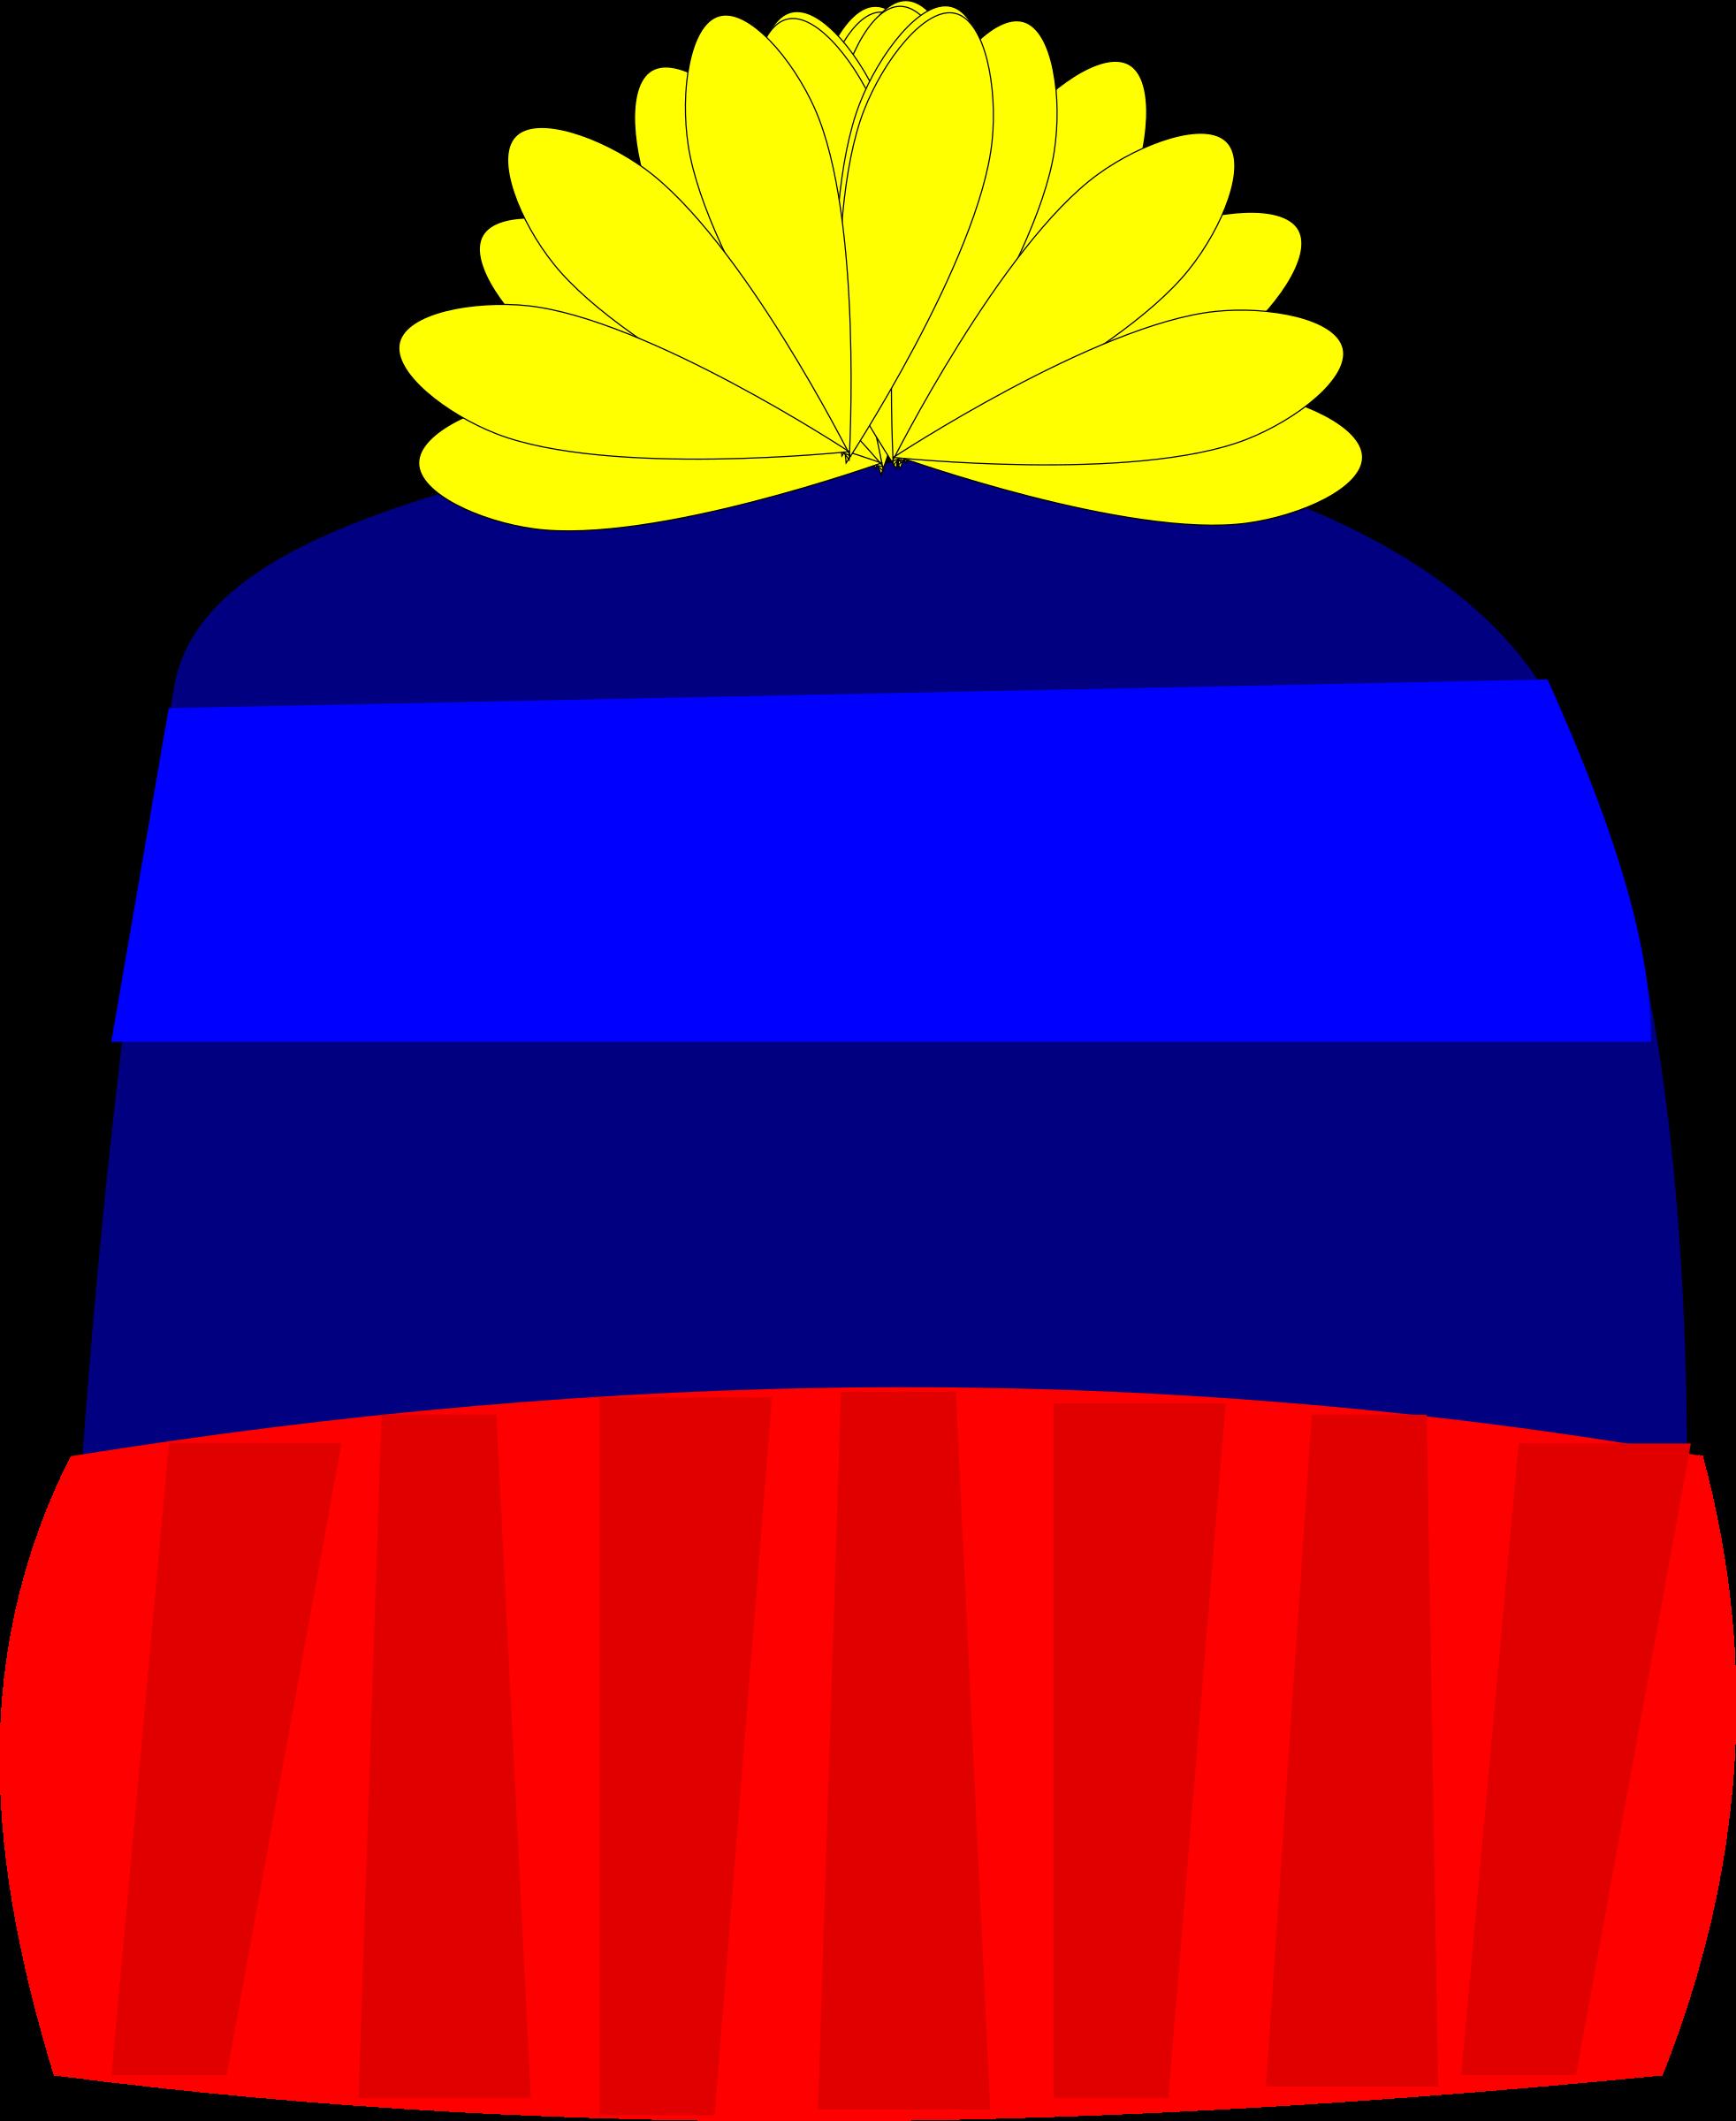 Knit beanie cap clipart - Clipground